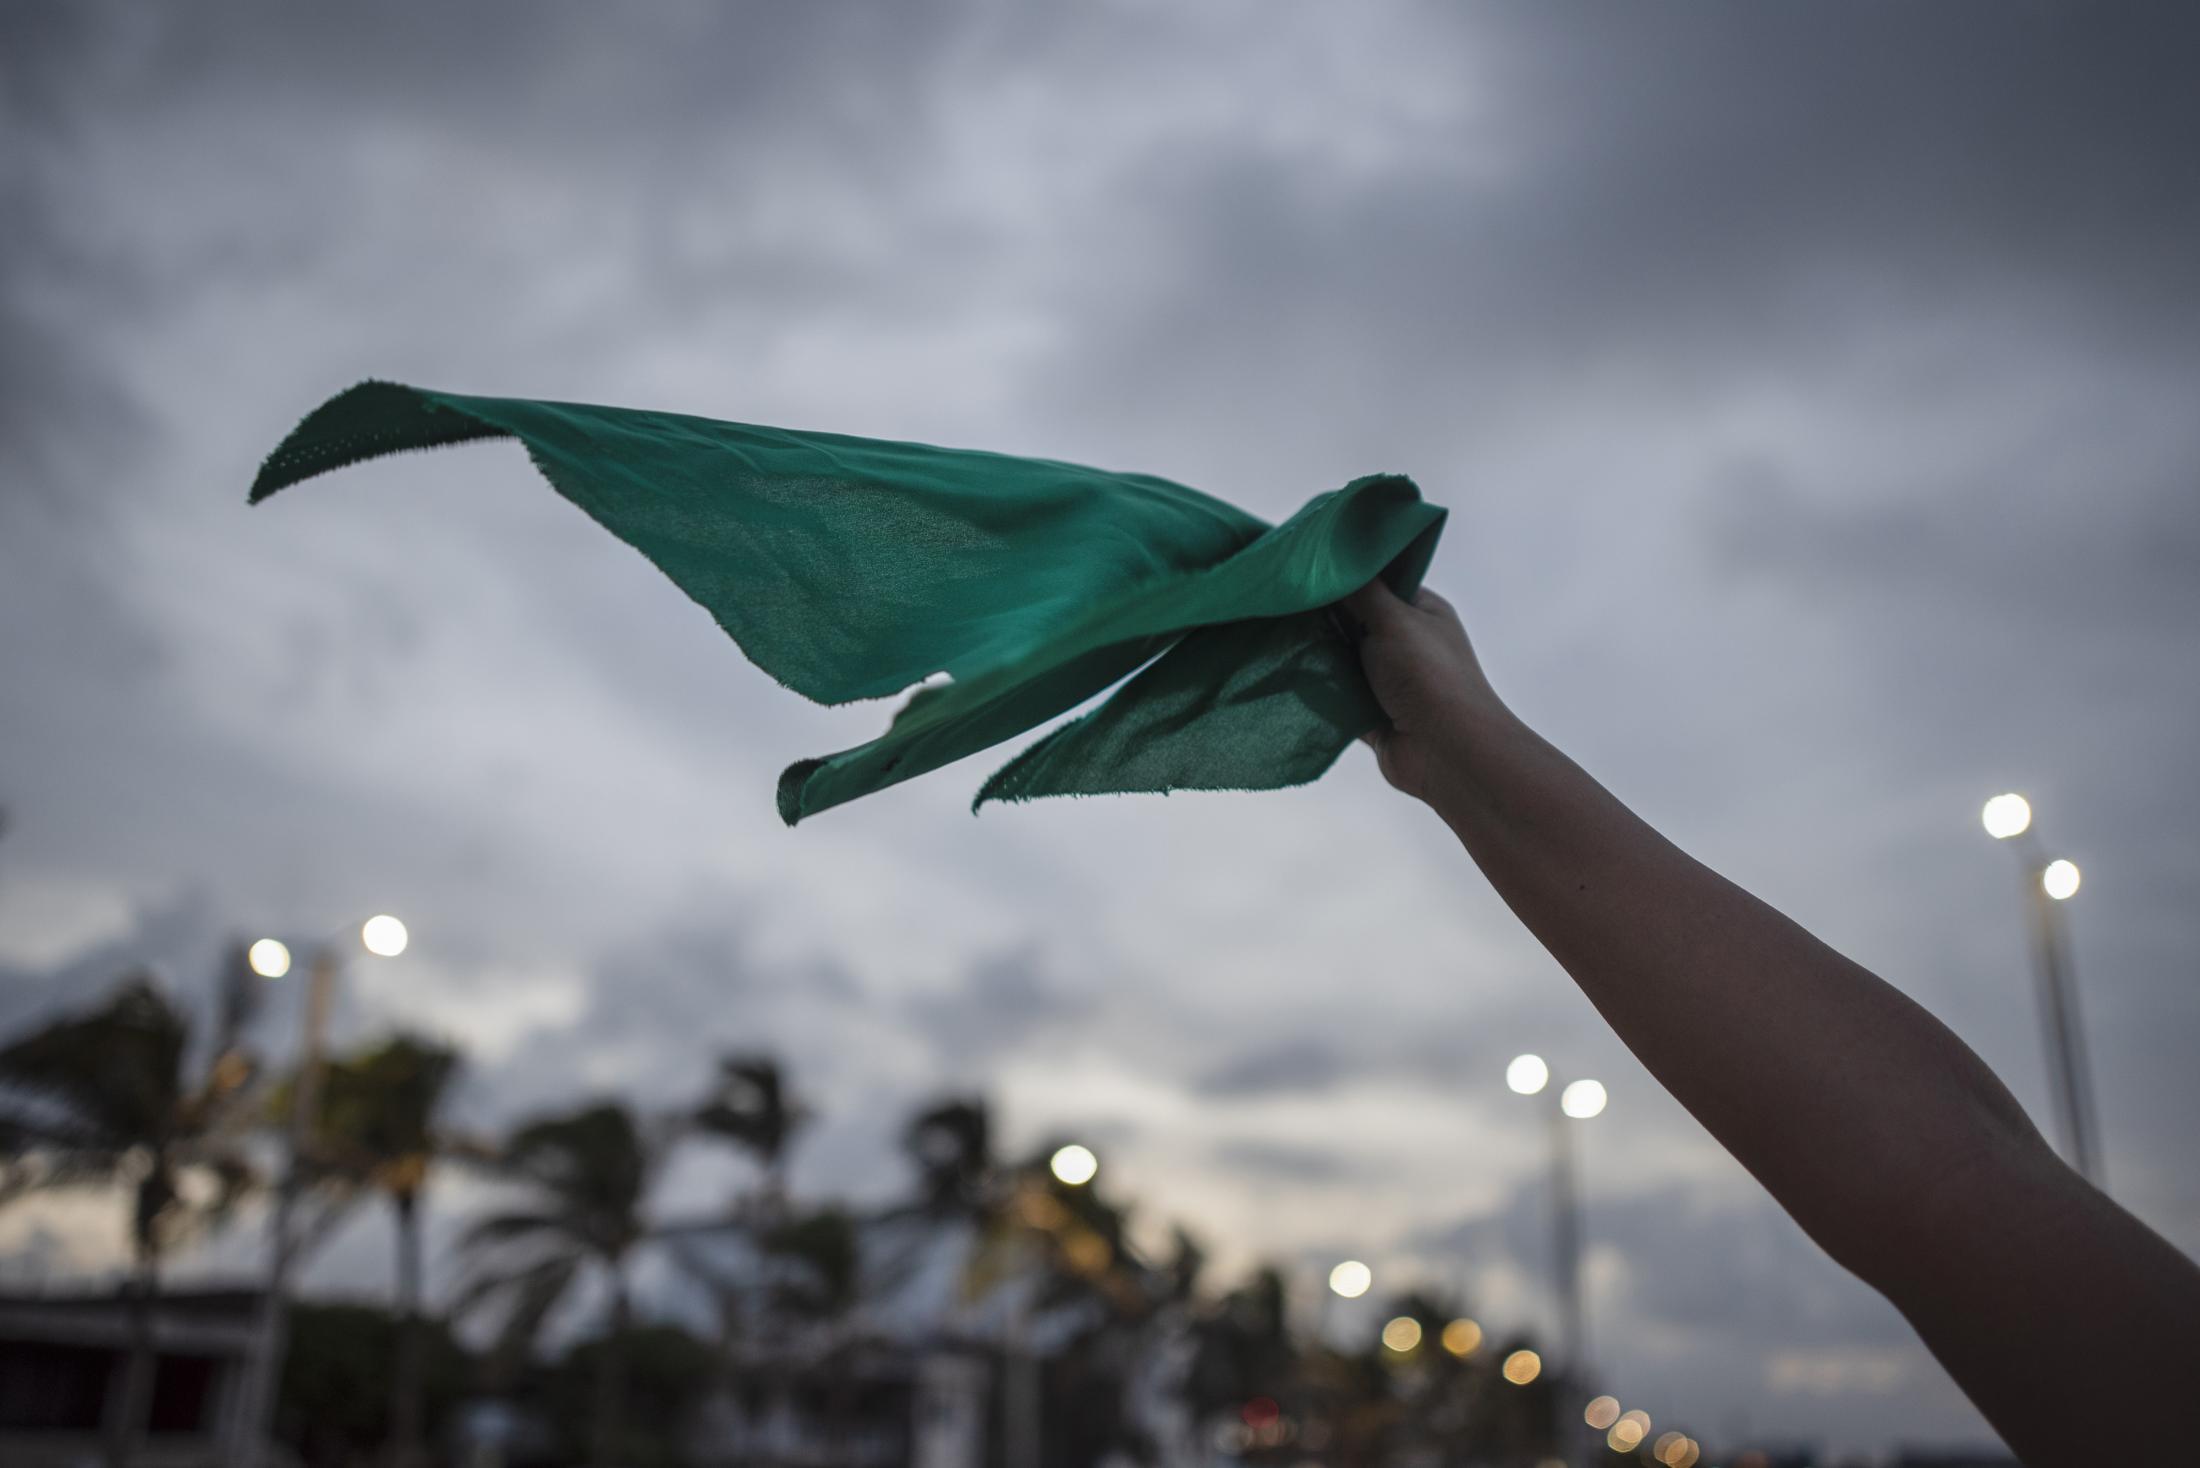 Una mujer agita un pañuelo verde durante la manifestación convocada por mujeres feministas, luego de la SCJN rechazara el proyecto que permitiría el aborto legal en Veracruz.